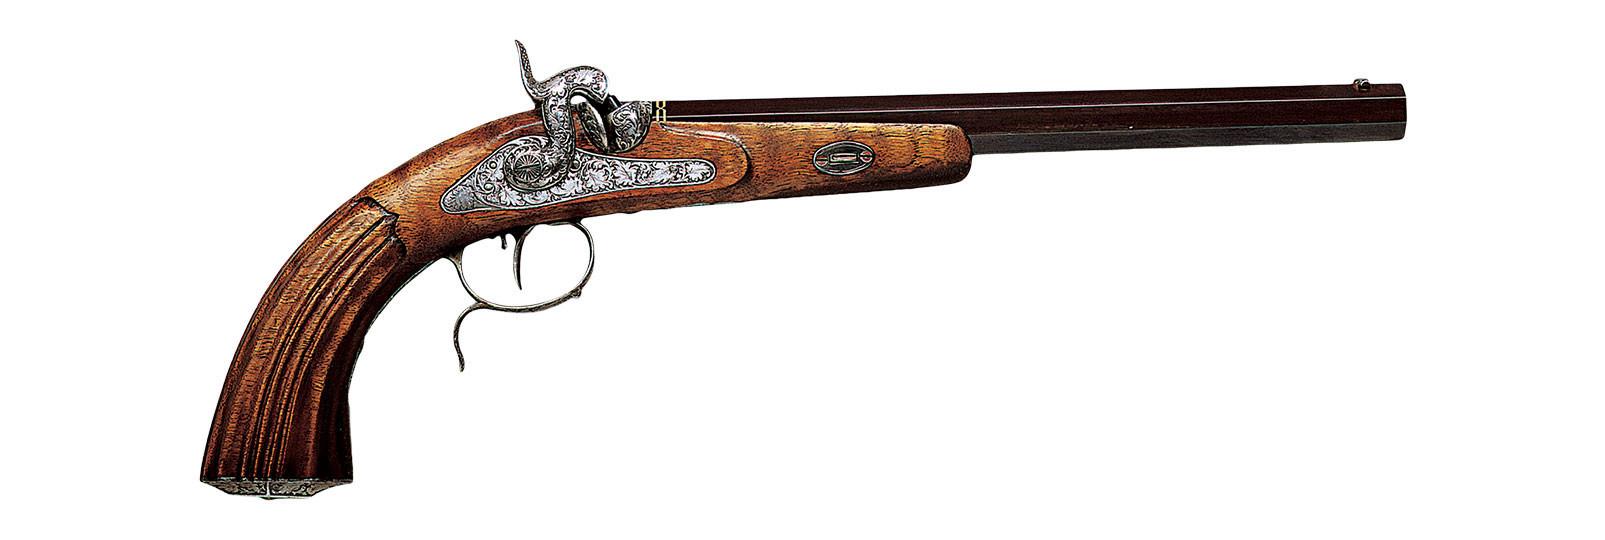 Mang in Graz DELUXE Pistol